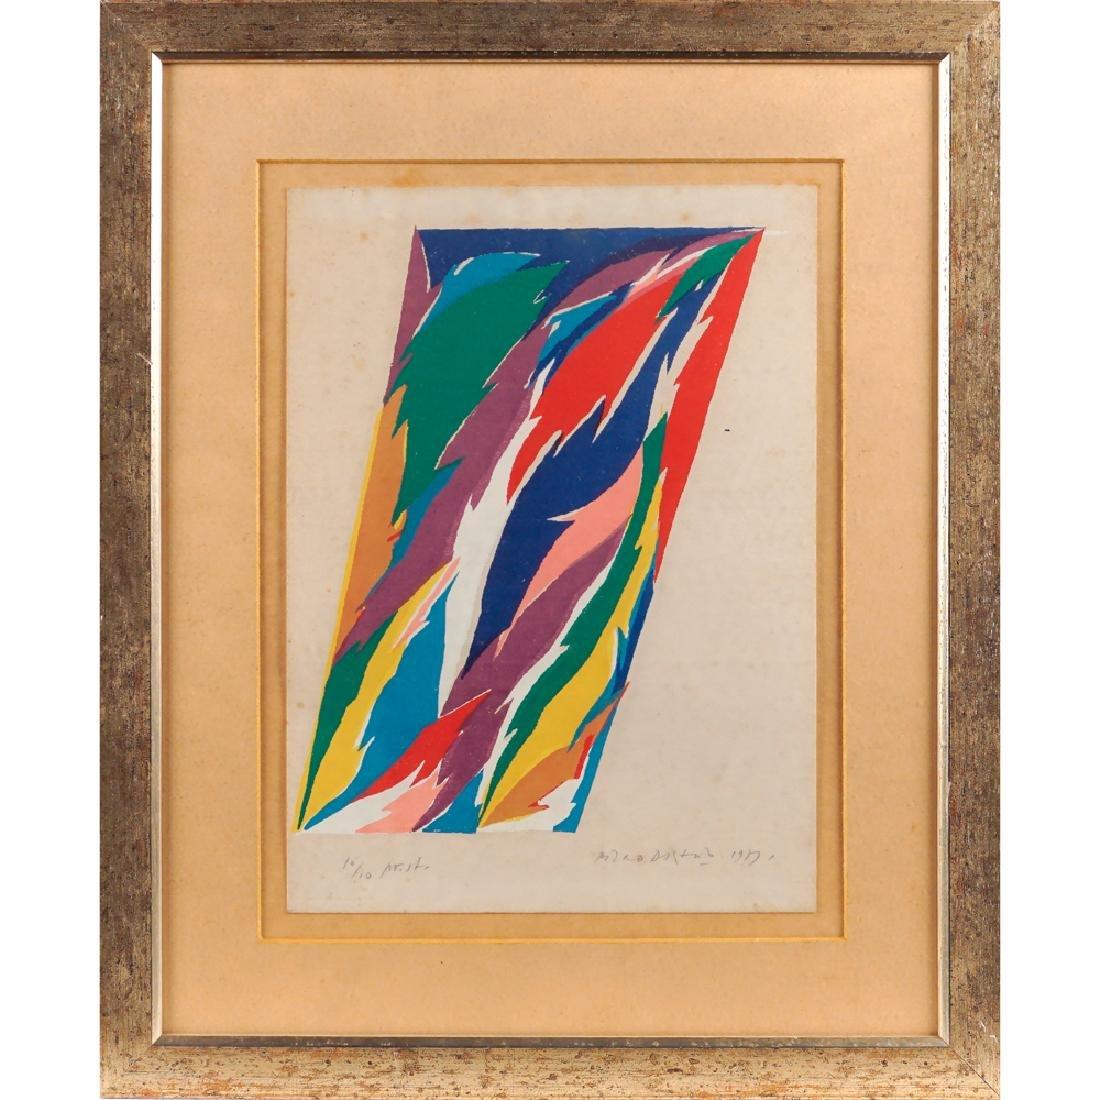 Piero Dorazio Roma 1927 - Perugia 2005 34x24.7 cm.